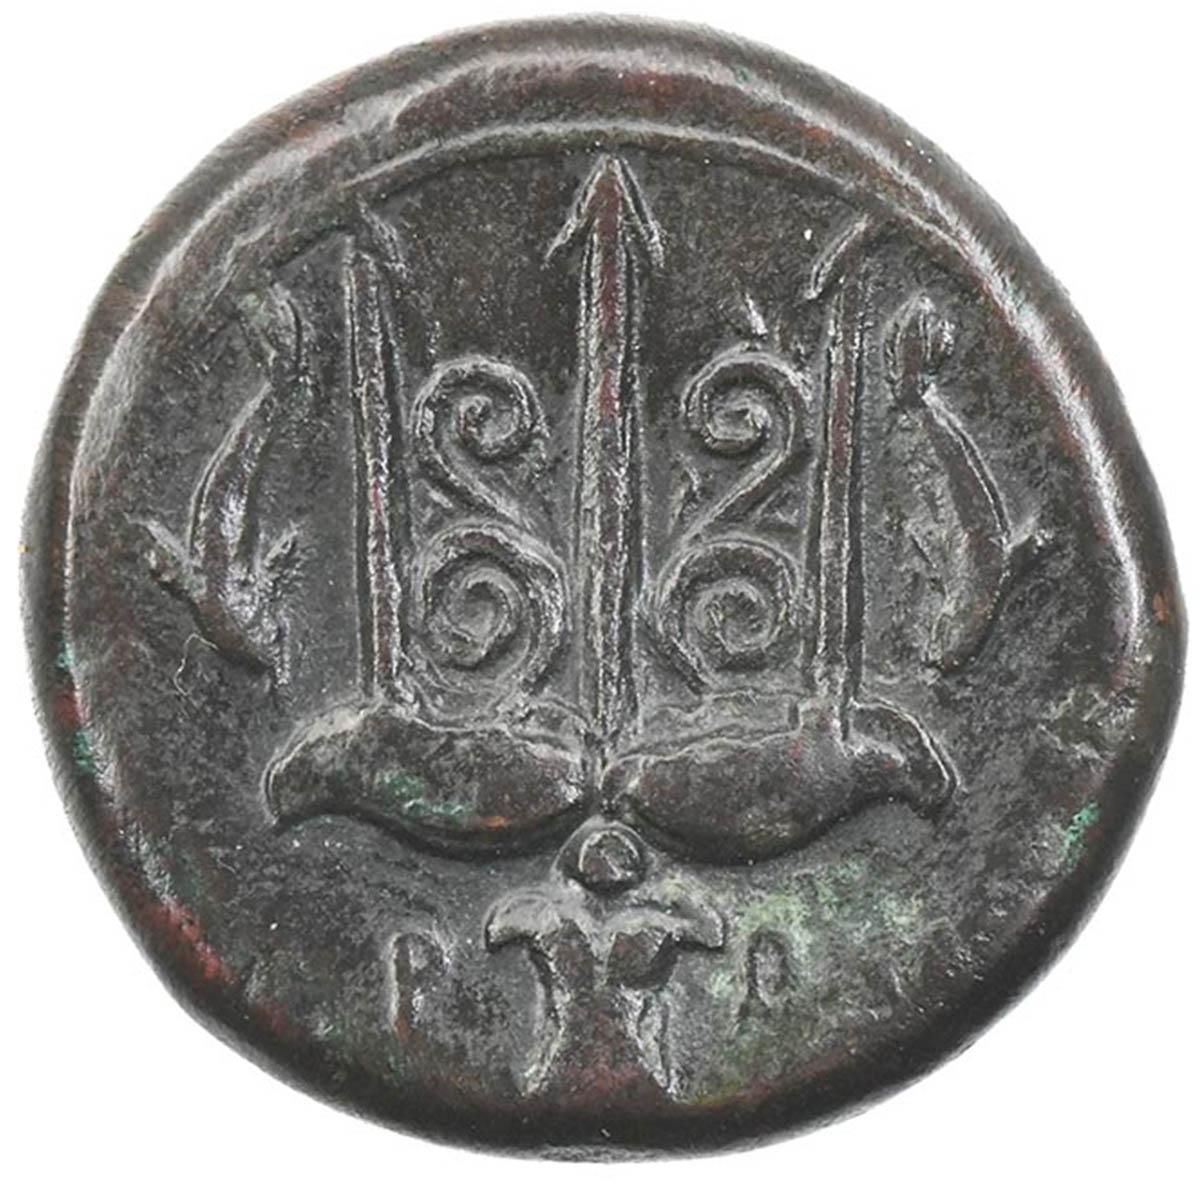 Moneta in bronzo di Siracusa con Poseidone e tridente